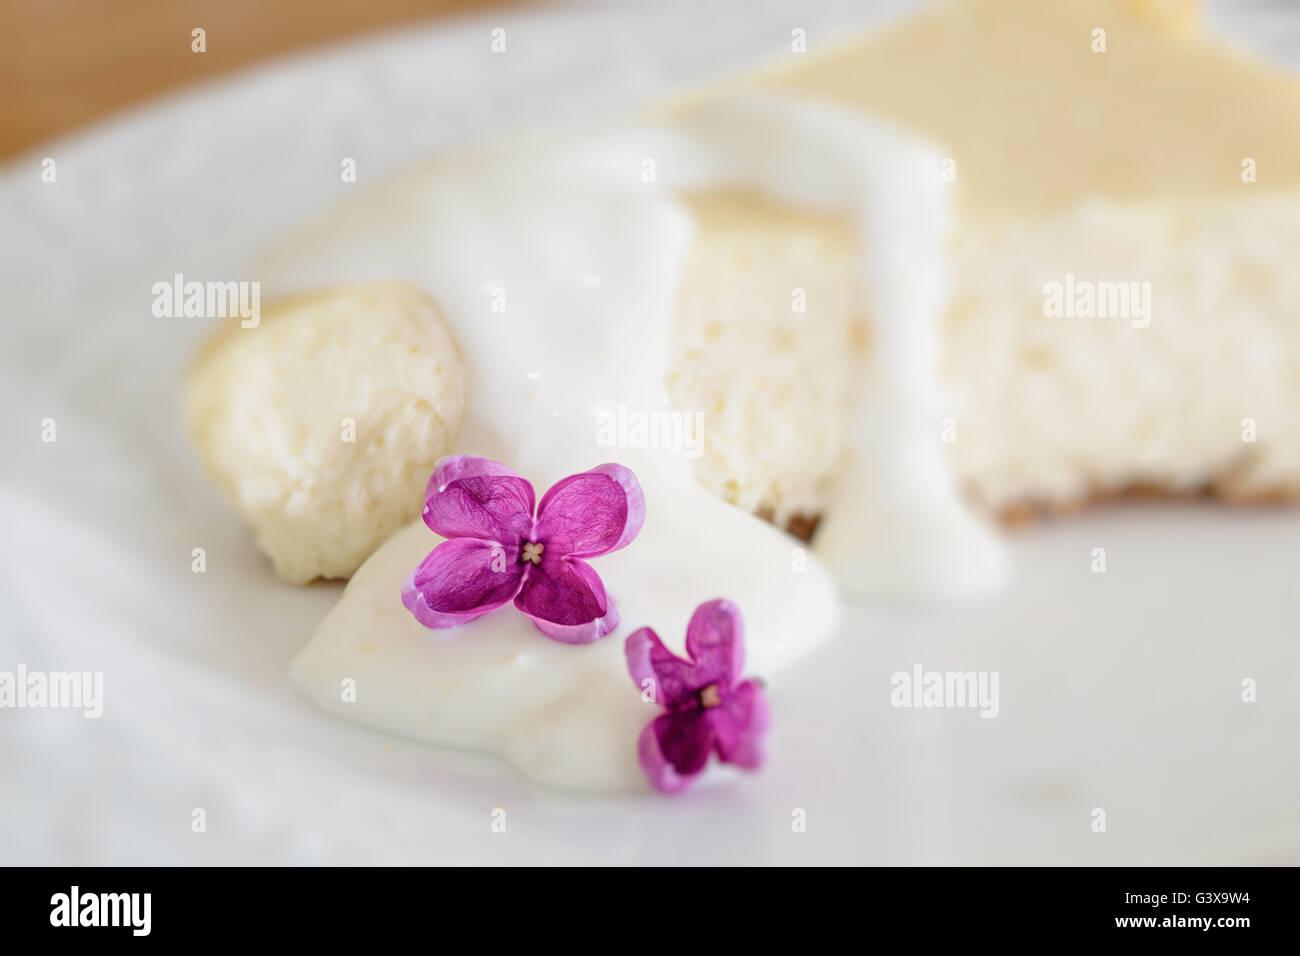 Cheesecake citron décoré avec des fleurs lilas. Profondeur de champ intentionnel avec l'accent sur Photo Stock